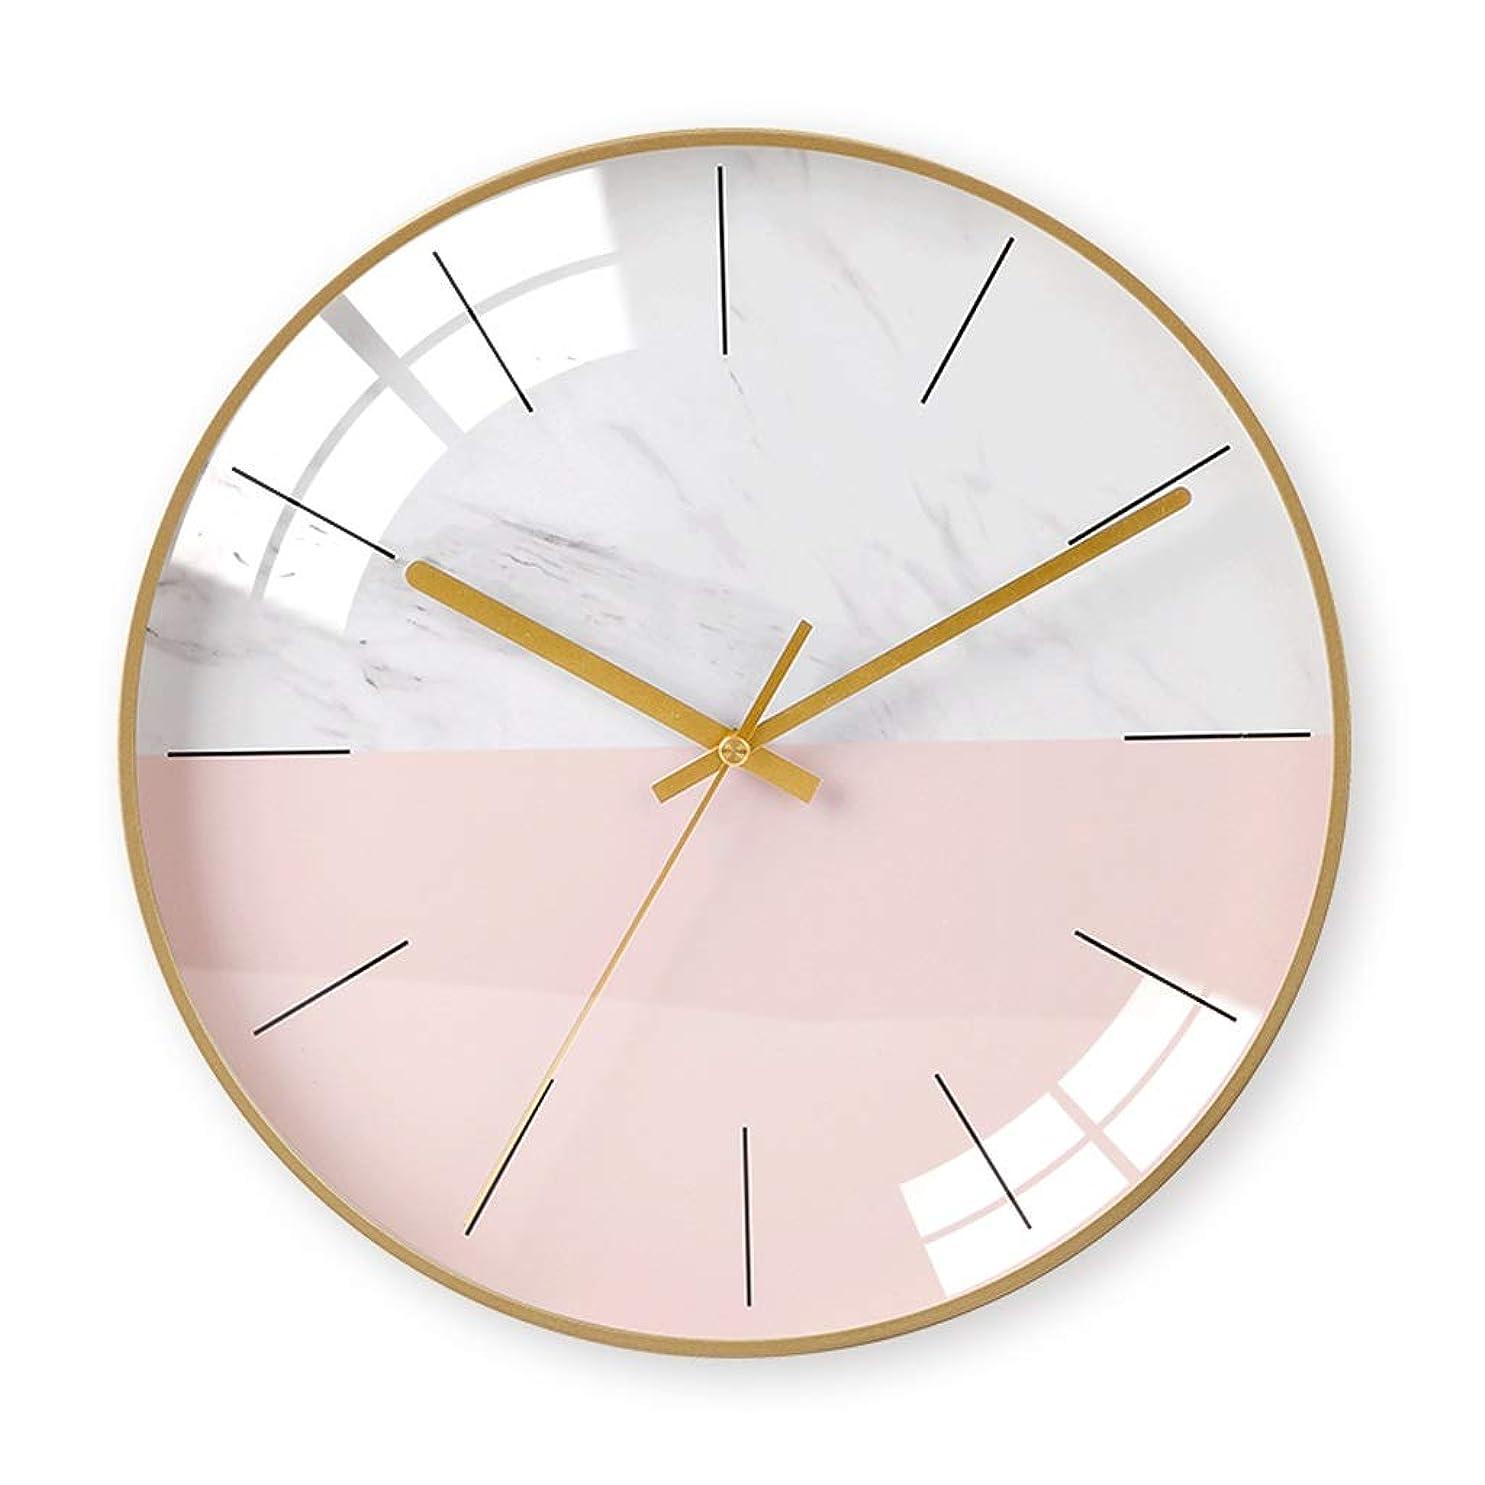 地元群がる不純シンプルな家の壁時計リビングルームの寝室の人格創造的なファッションクロック大気の壁時計、多色オプション JSFQ (Color : Pink)